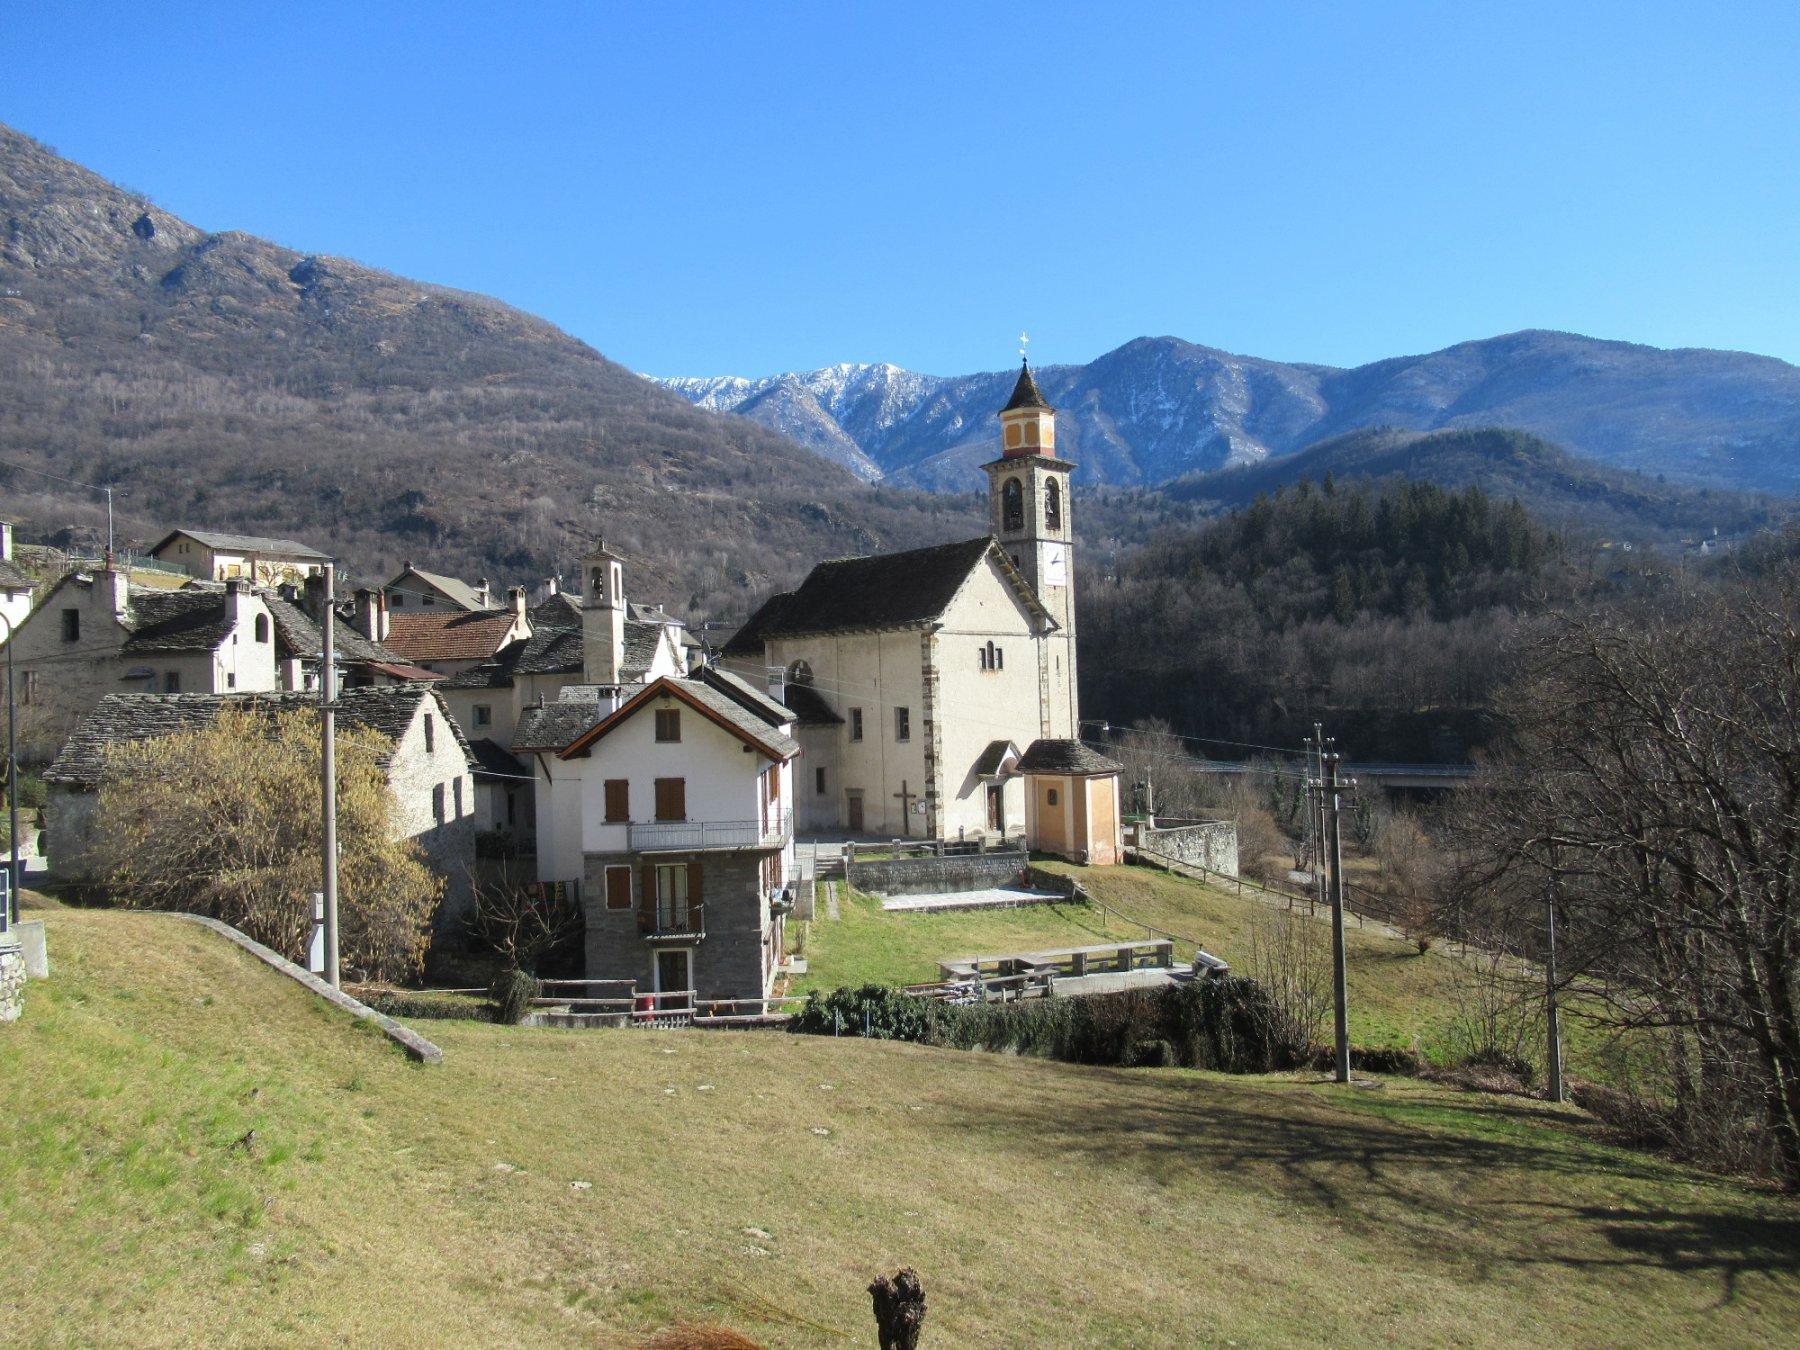 Crevoladossola (Anello) 2019-02-14